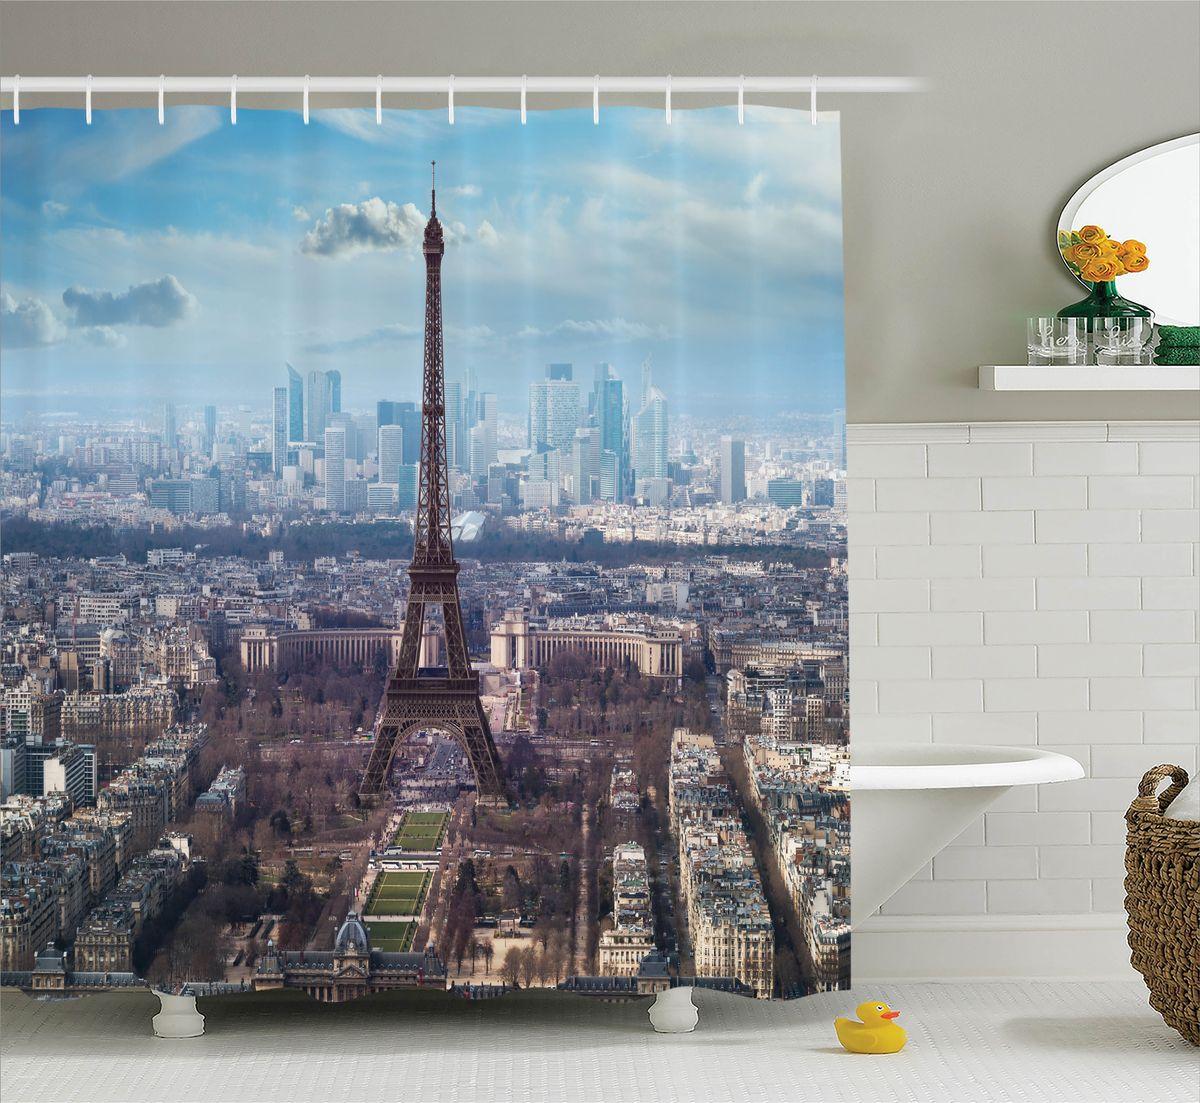 Штора для ванной комнаты Magic Lady Ранняя весна в Париже, 180 х 200 смшв_11326Штора Magic Lady Ранняя весна в Париже, изготовленная из высококачественного сатена (полиэстер 100%), отлично дополнит любой интерьер ванной комнаты. При изготовлении используются специальные гипоаллергенные чернила для прямой печати по ткани, безопасные для человека. В комплекте: 1 штора, 12 крючков. Обращаем ваше внимание, фактический цвет изделия может незначительно отличаться от представленного на фото.